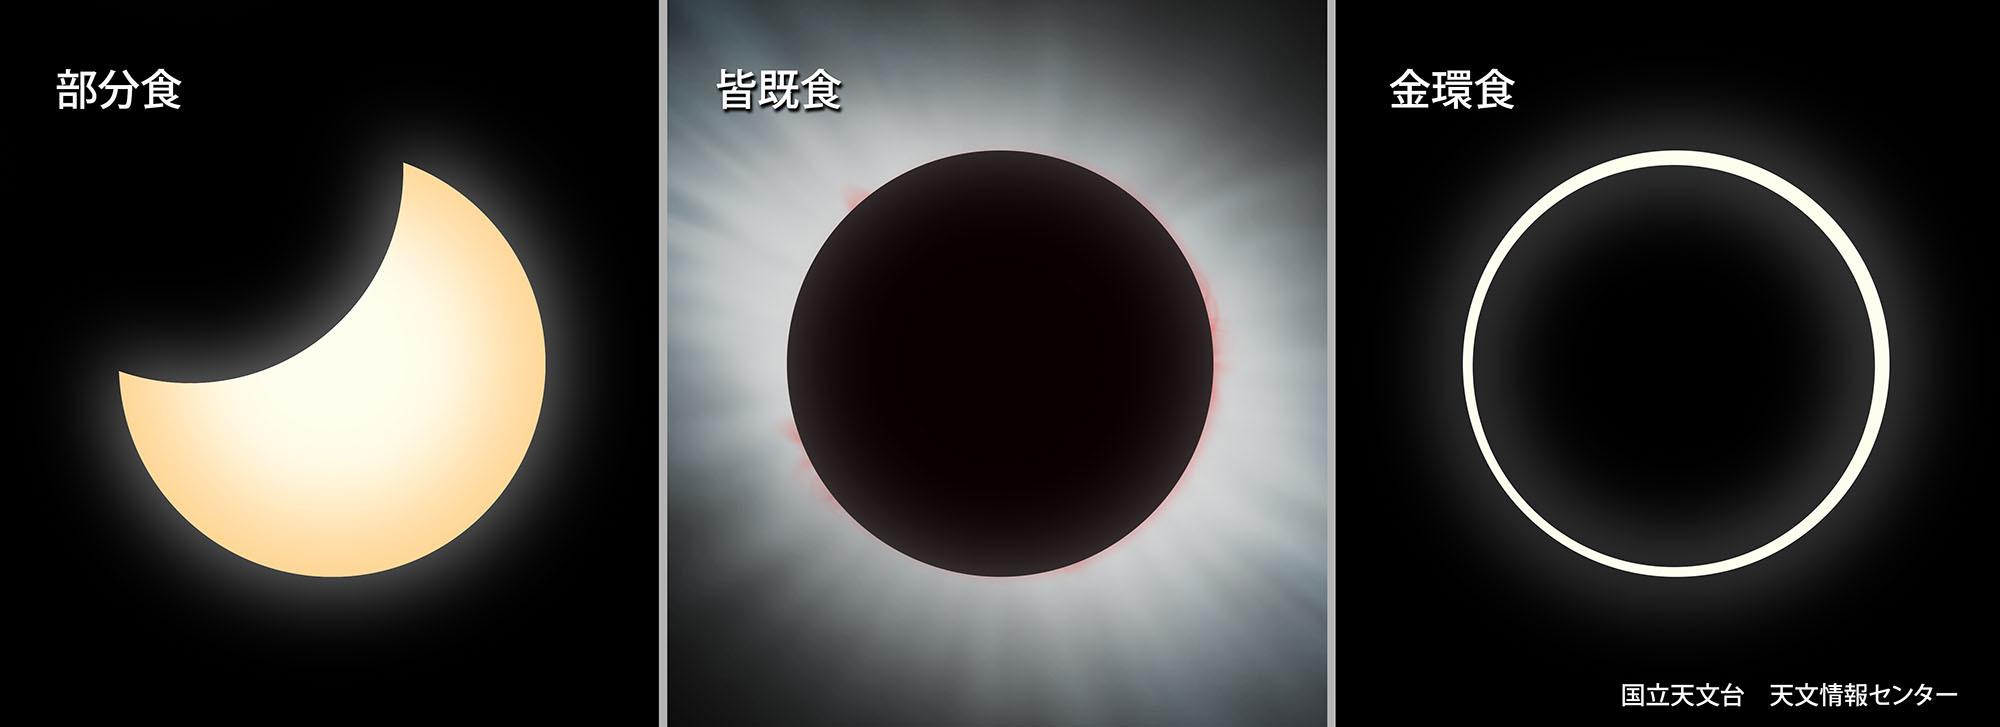 8月の運勢 日食月蝕がやってくる!_b0213435_19081876.jpg